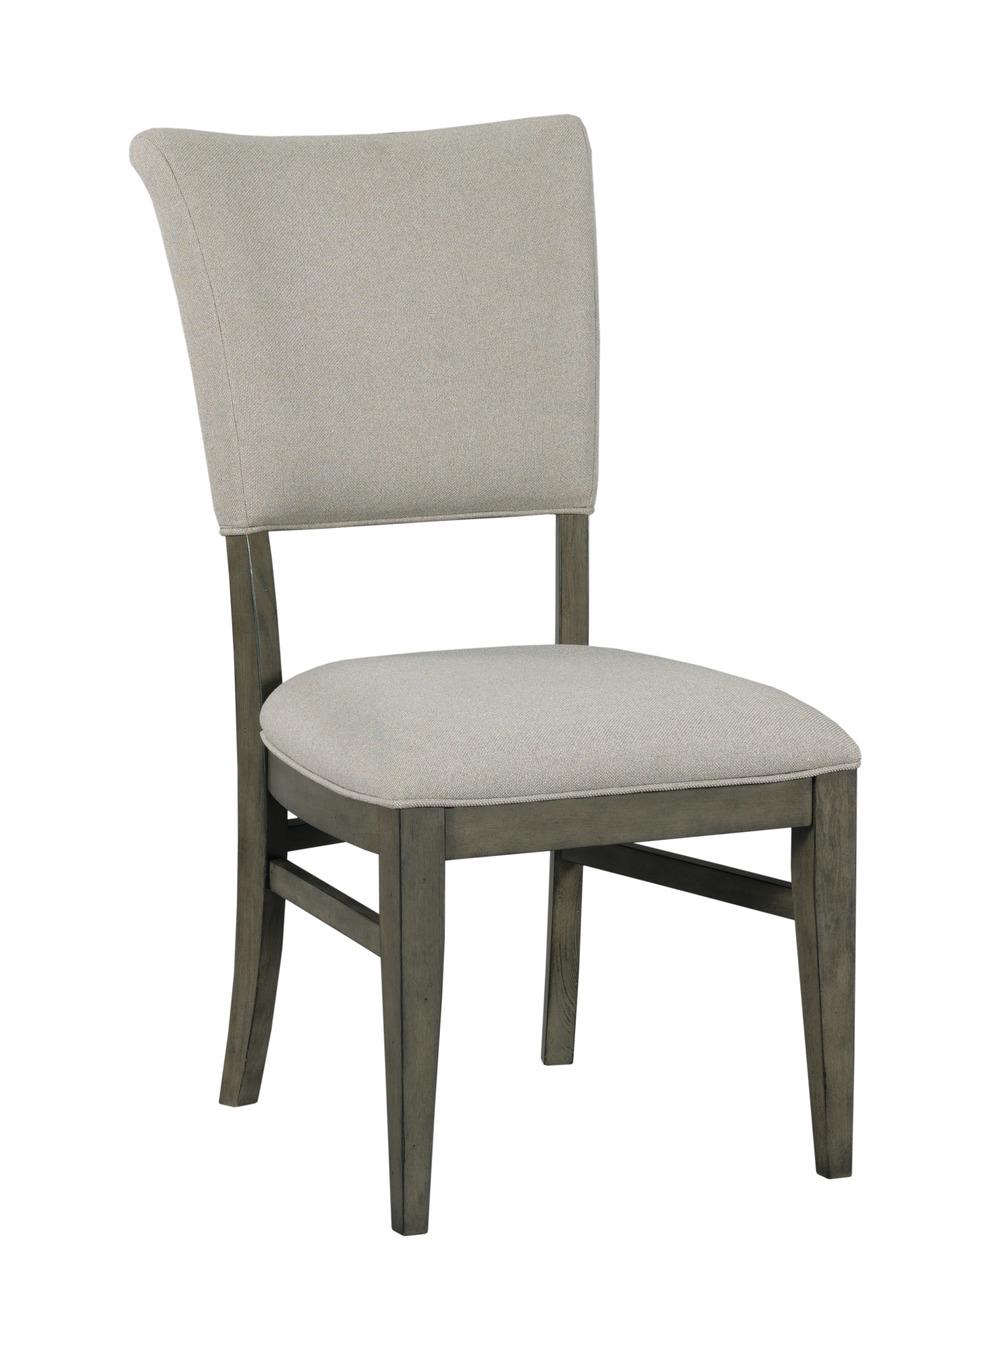 Kincaid Furniture - Hyde Side Chair